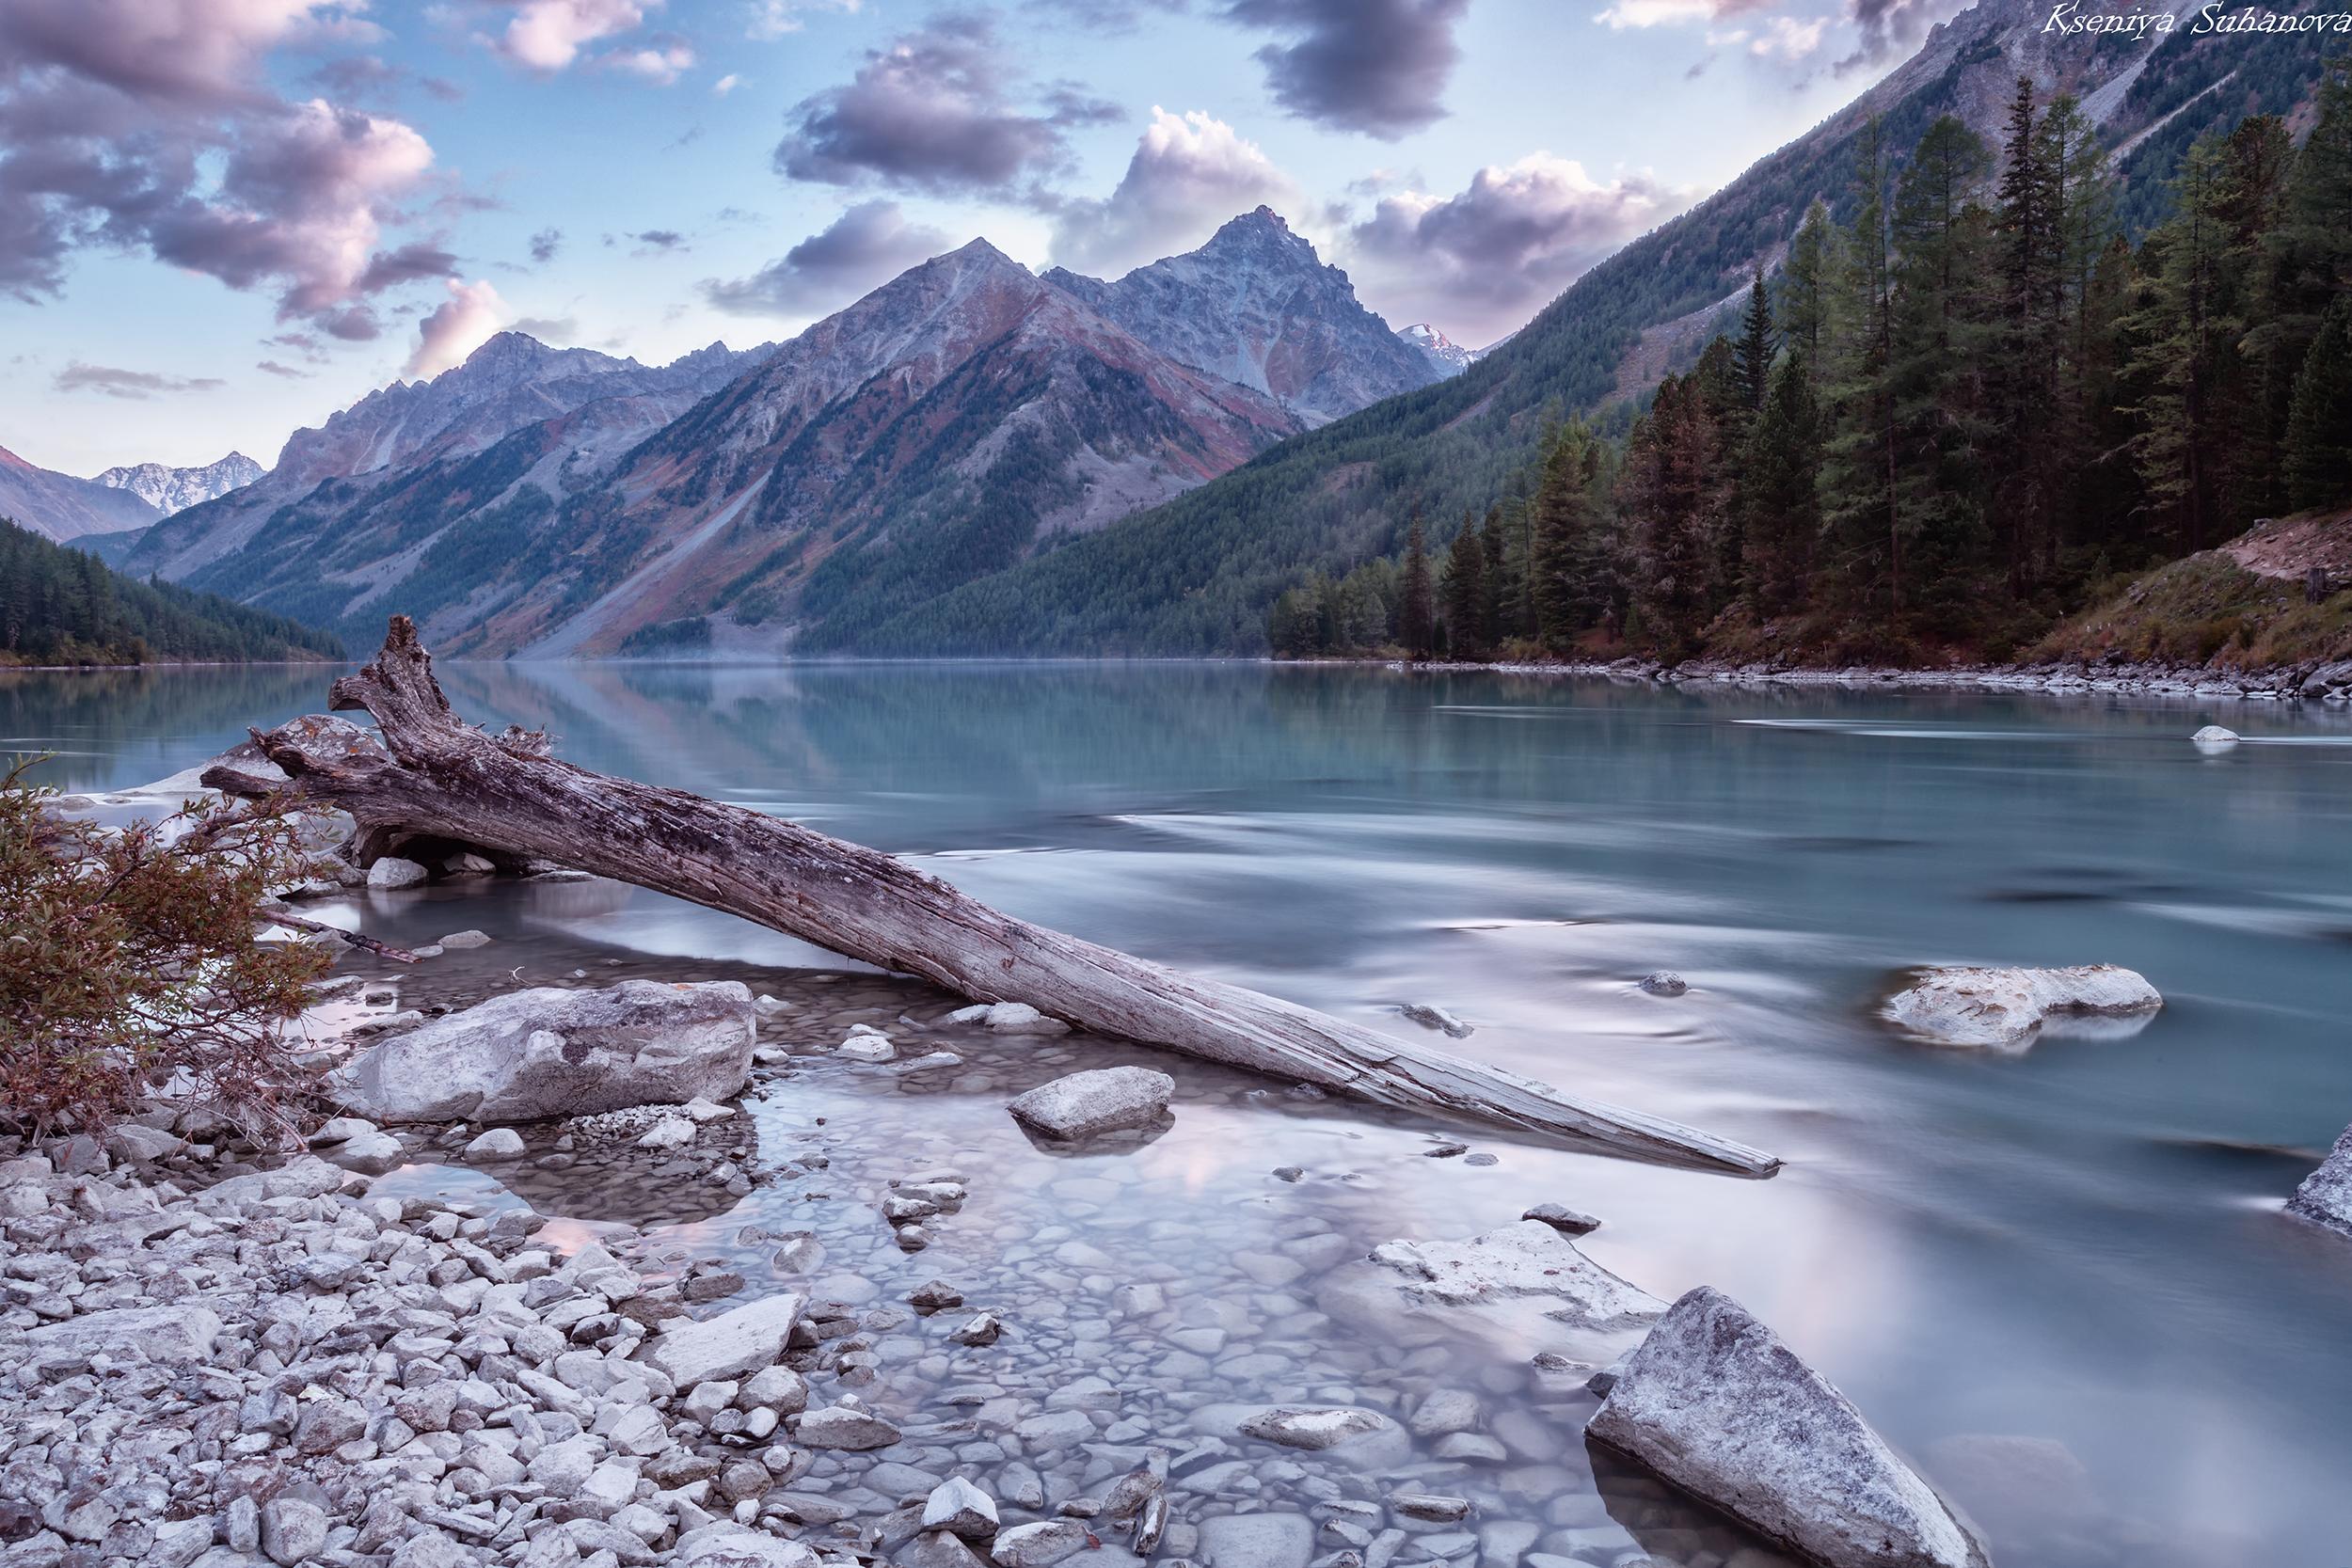 Кучерлинское озеро. Фотосессия и обработка